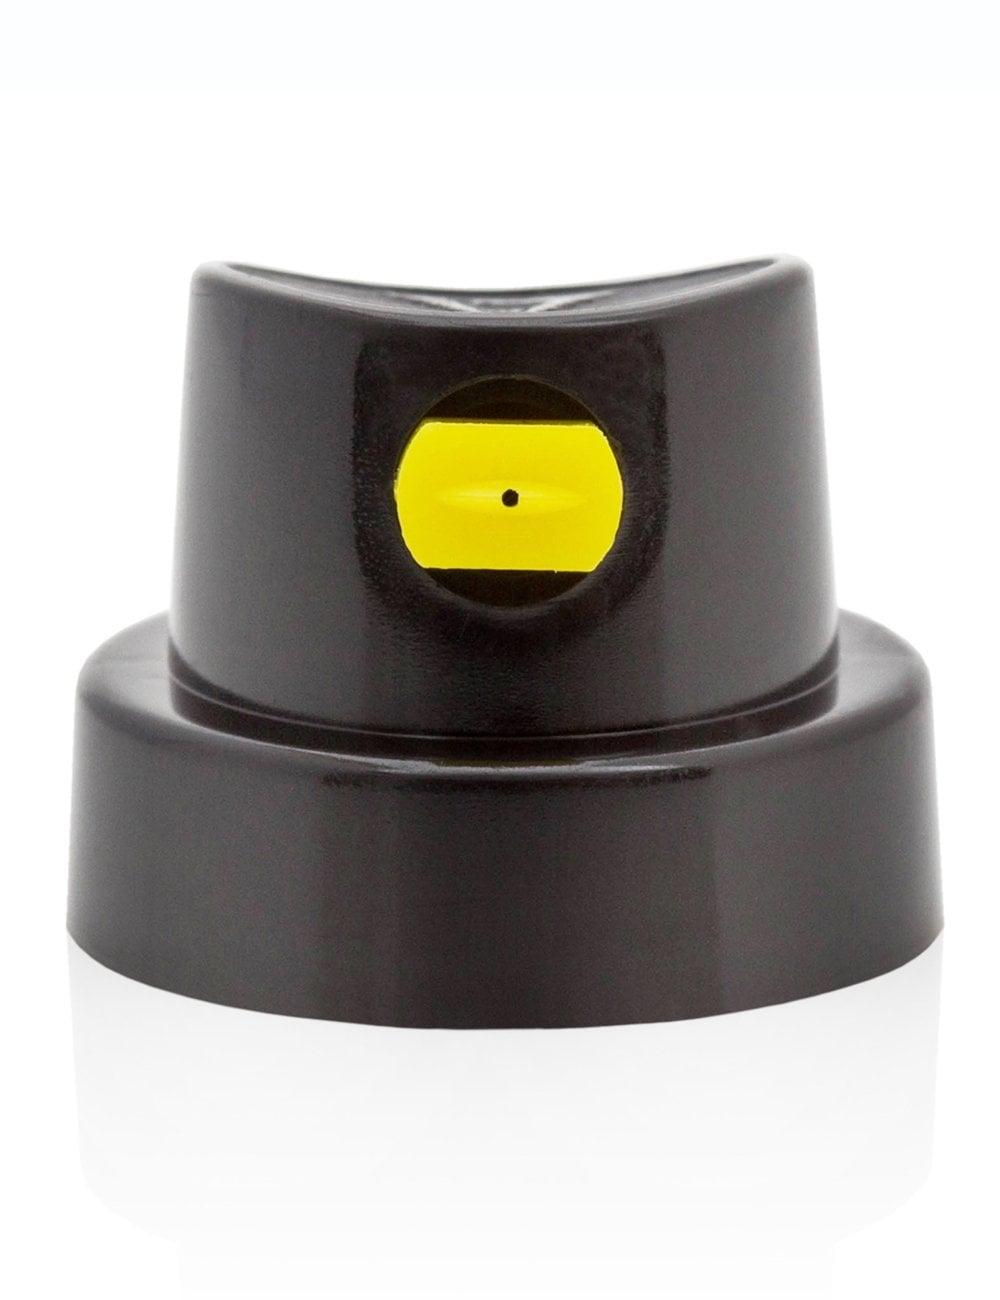 spray paint flat jet medium cap spray paint supplies